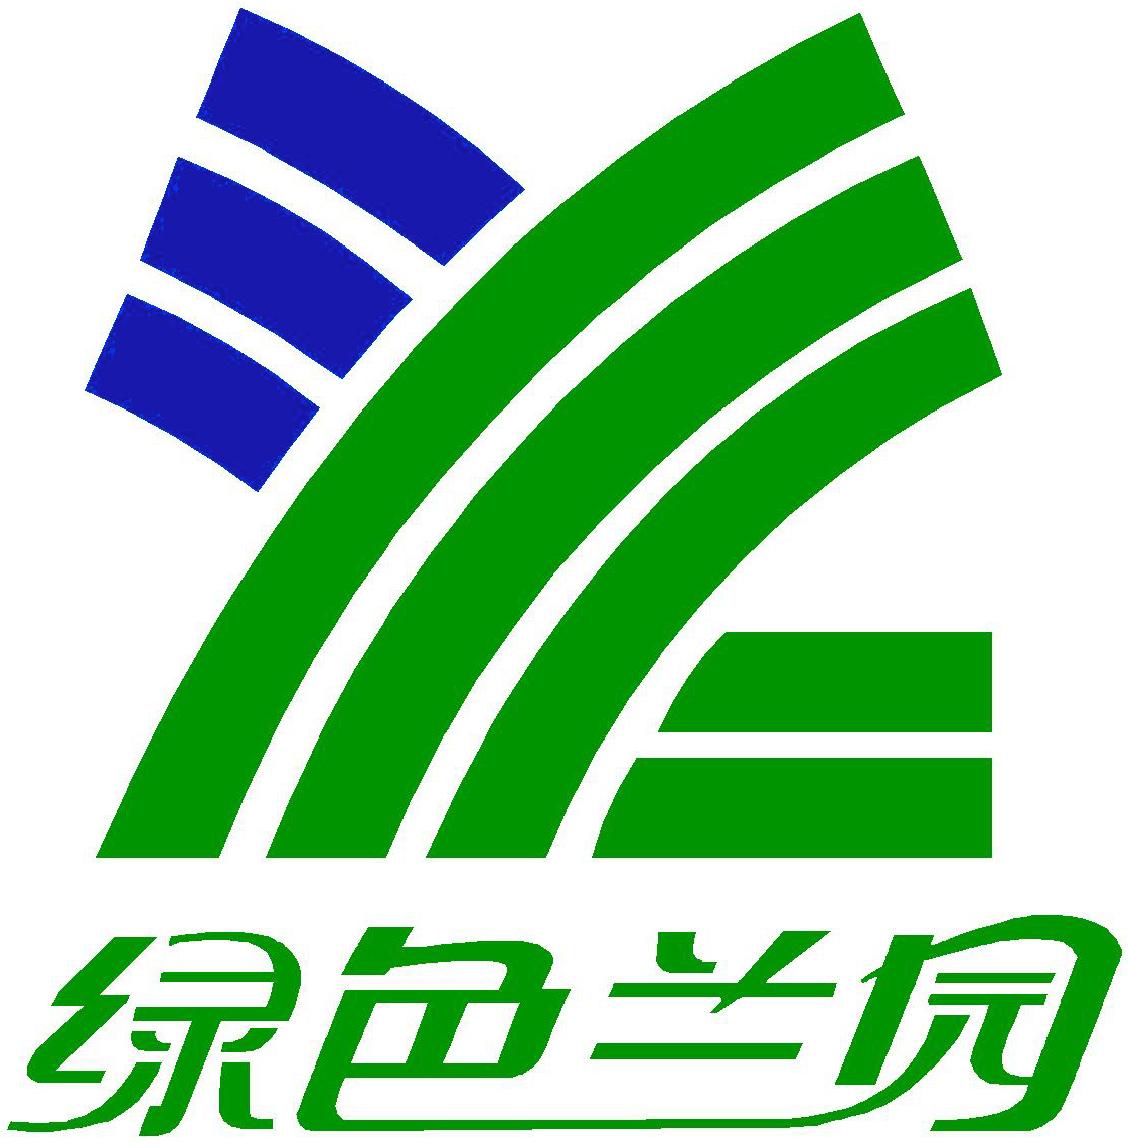 北京兰园绿化工程有限公司